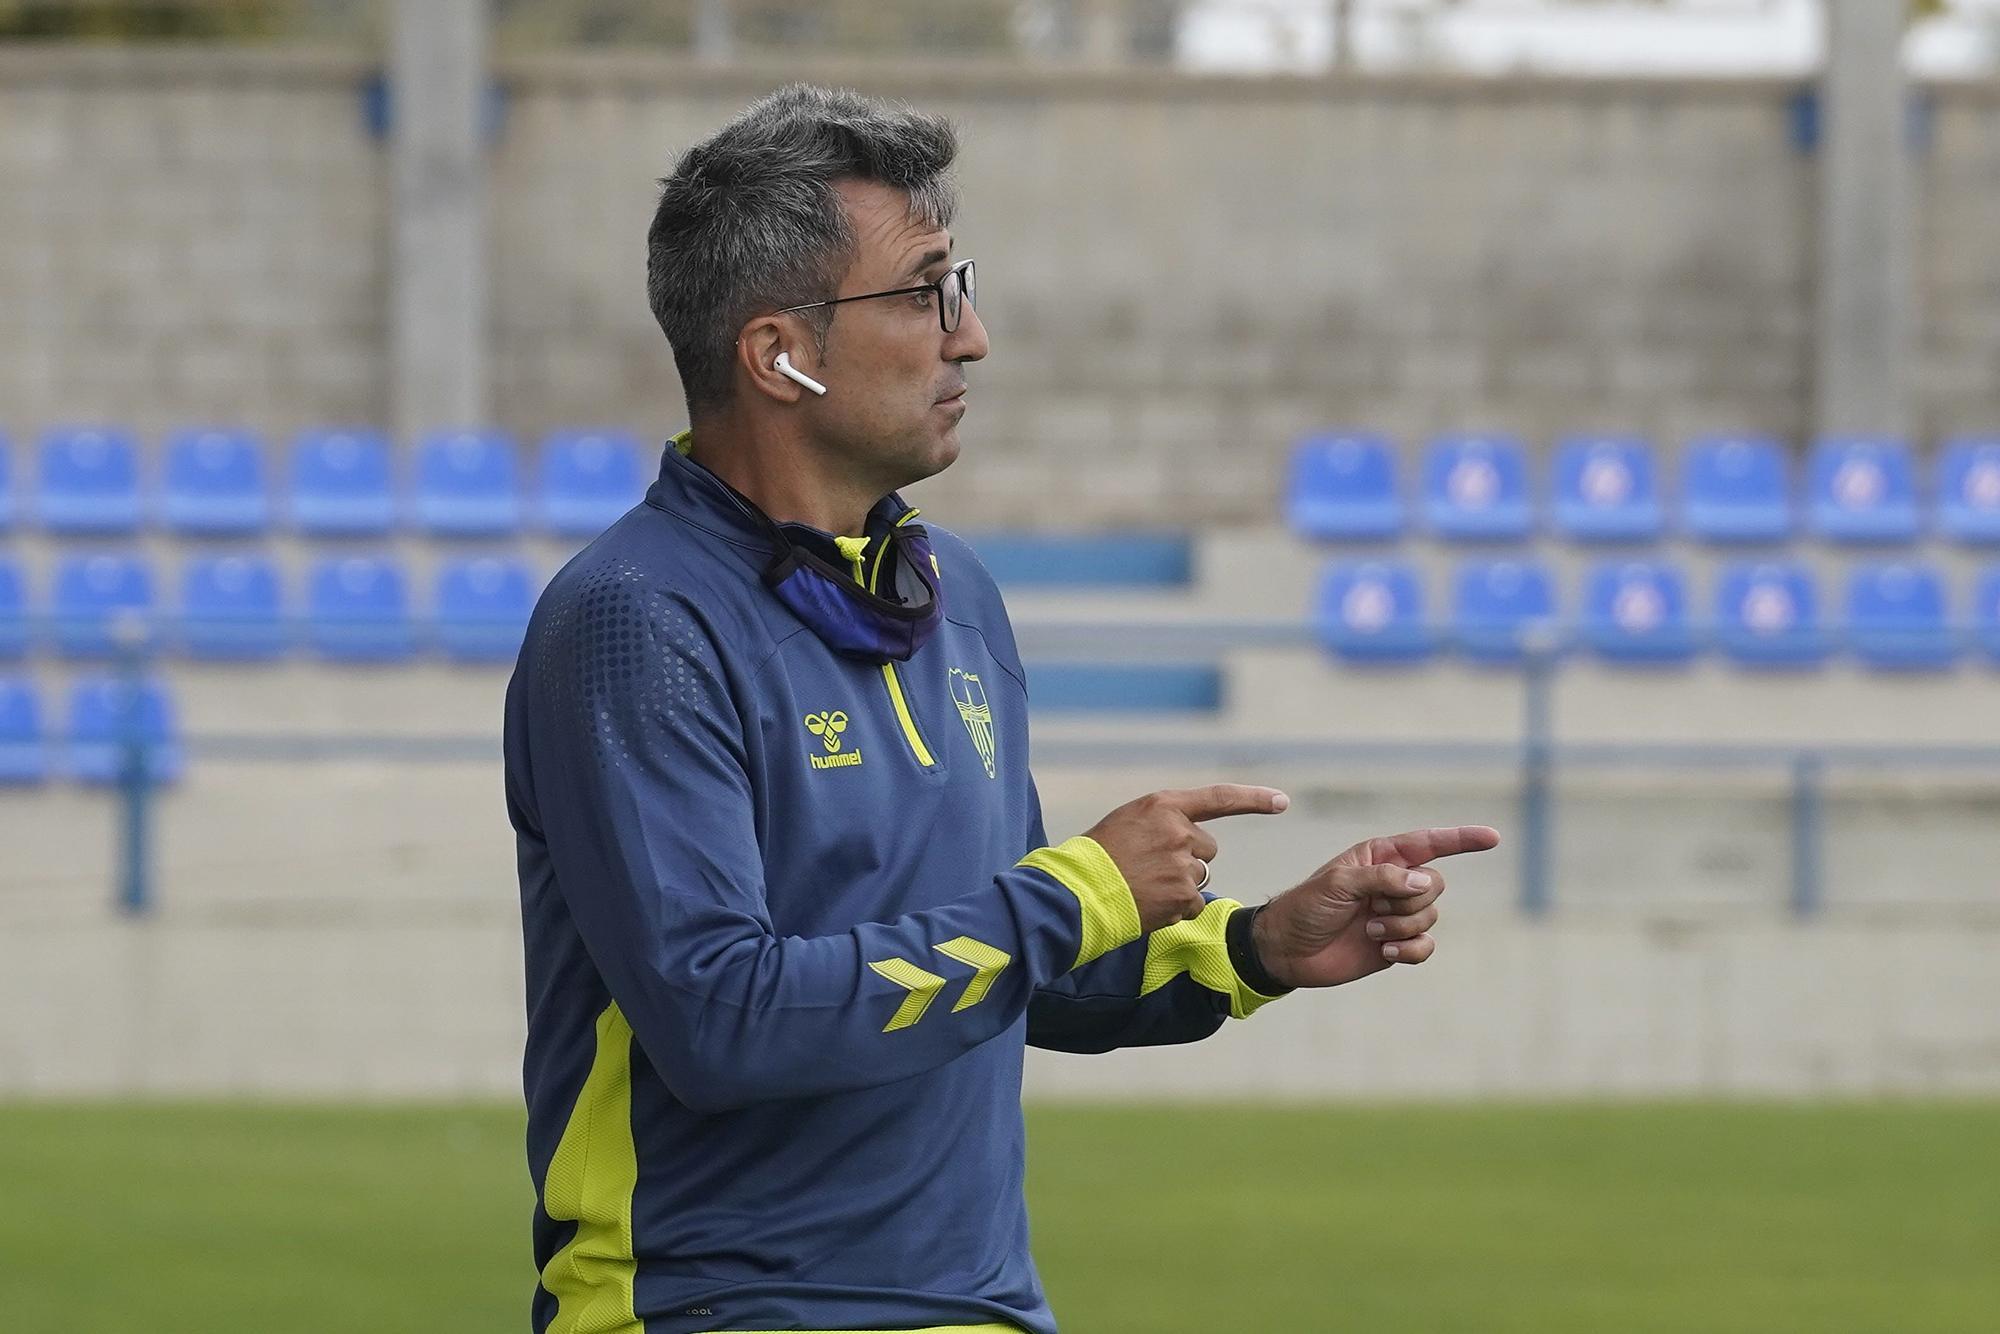 Massa Albacete per a un Costa Brava que perd el primer partit a casa